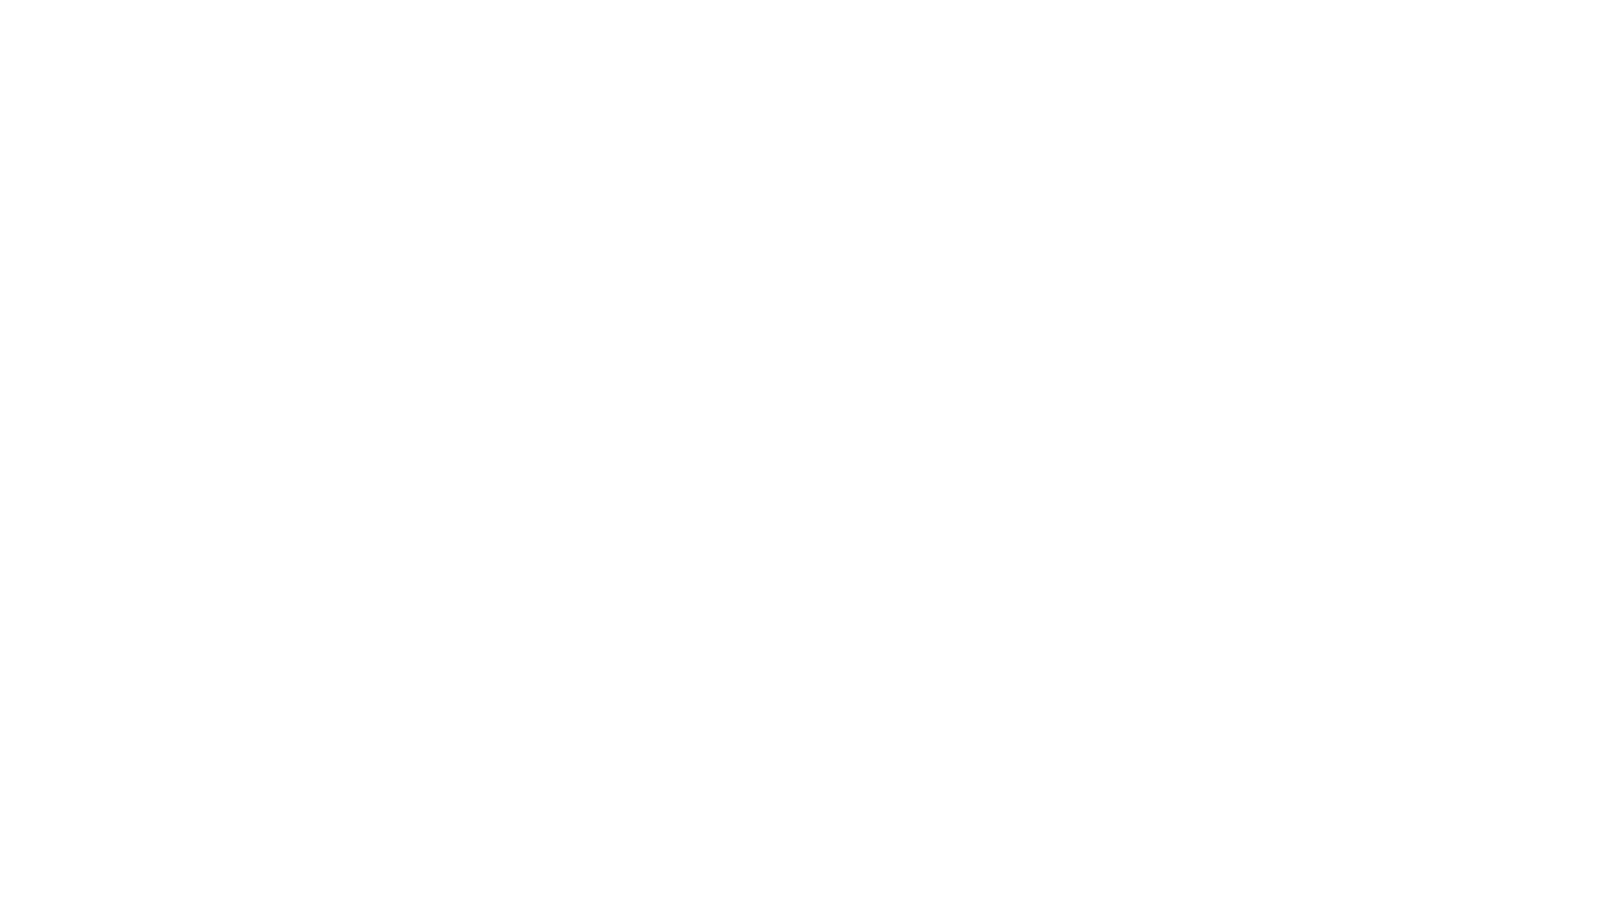 www.canvec.com NRC QuickSwap Demo on a International LoneStar 2020 truck. How a NRC QuickSwap is working on a heavy truck. Steps by steps demo with BiG DAN *** www.canvec.com Demo du NCR QuickSwap sur un camion International LoneStar 2020. Comment un QuickSwap NRC fonctionne sur un camion de semi-remorque Demonstration étape par étape avec BIG DAN.